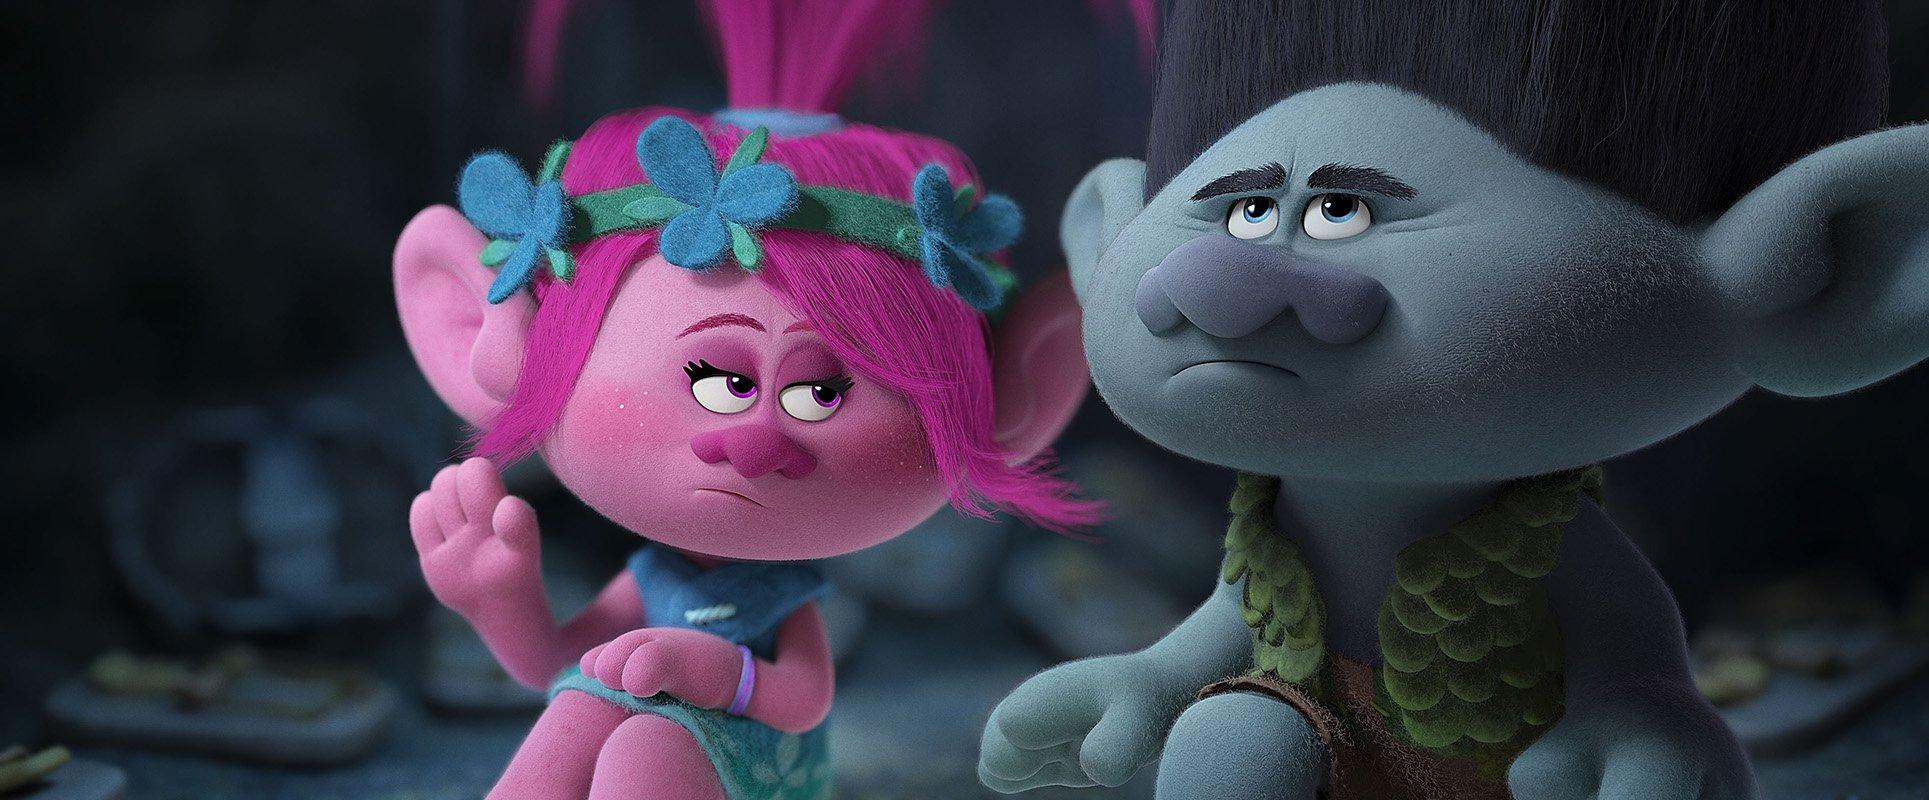 Trolls estão em apuros no segundo trailer da animação da Dreamworks